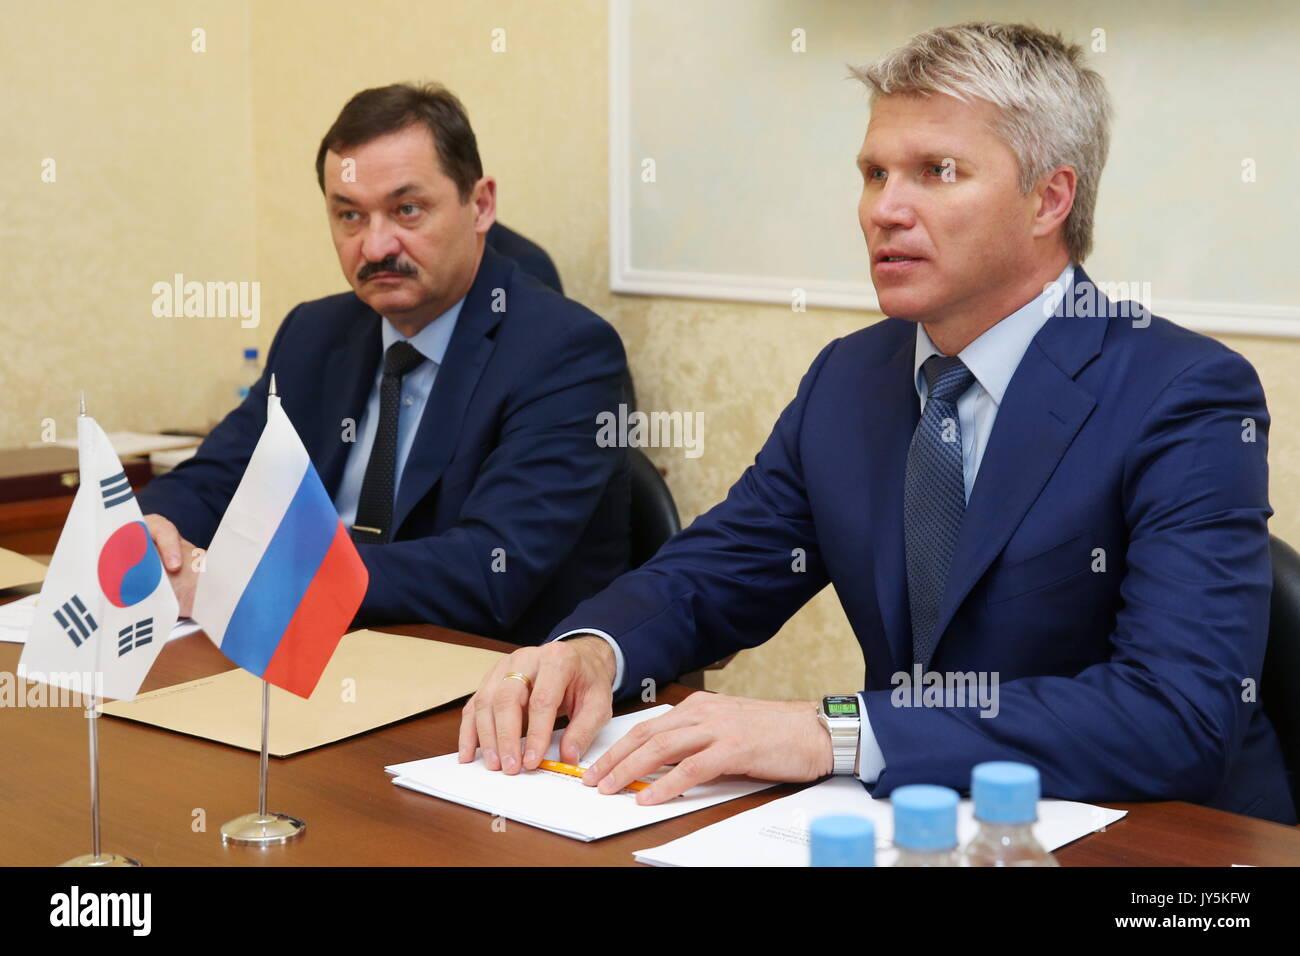 Moskau, Russland. 18 Aug, 2017. Russlands Sport Minister Pavel Kolobkov (R) bei einem Treffen mit Südkorea Botschafter Stockfoto